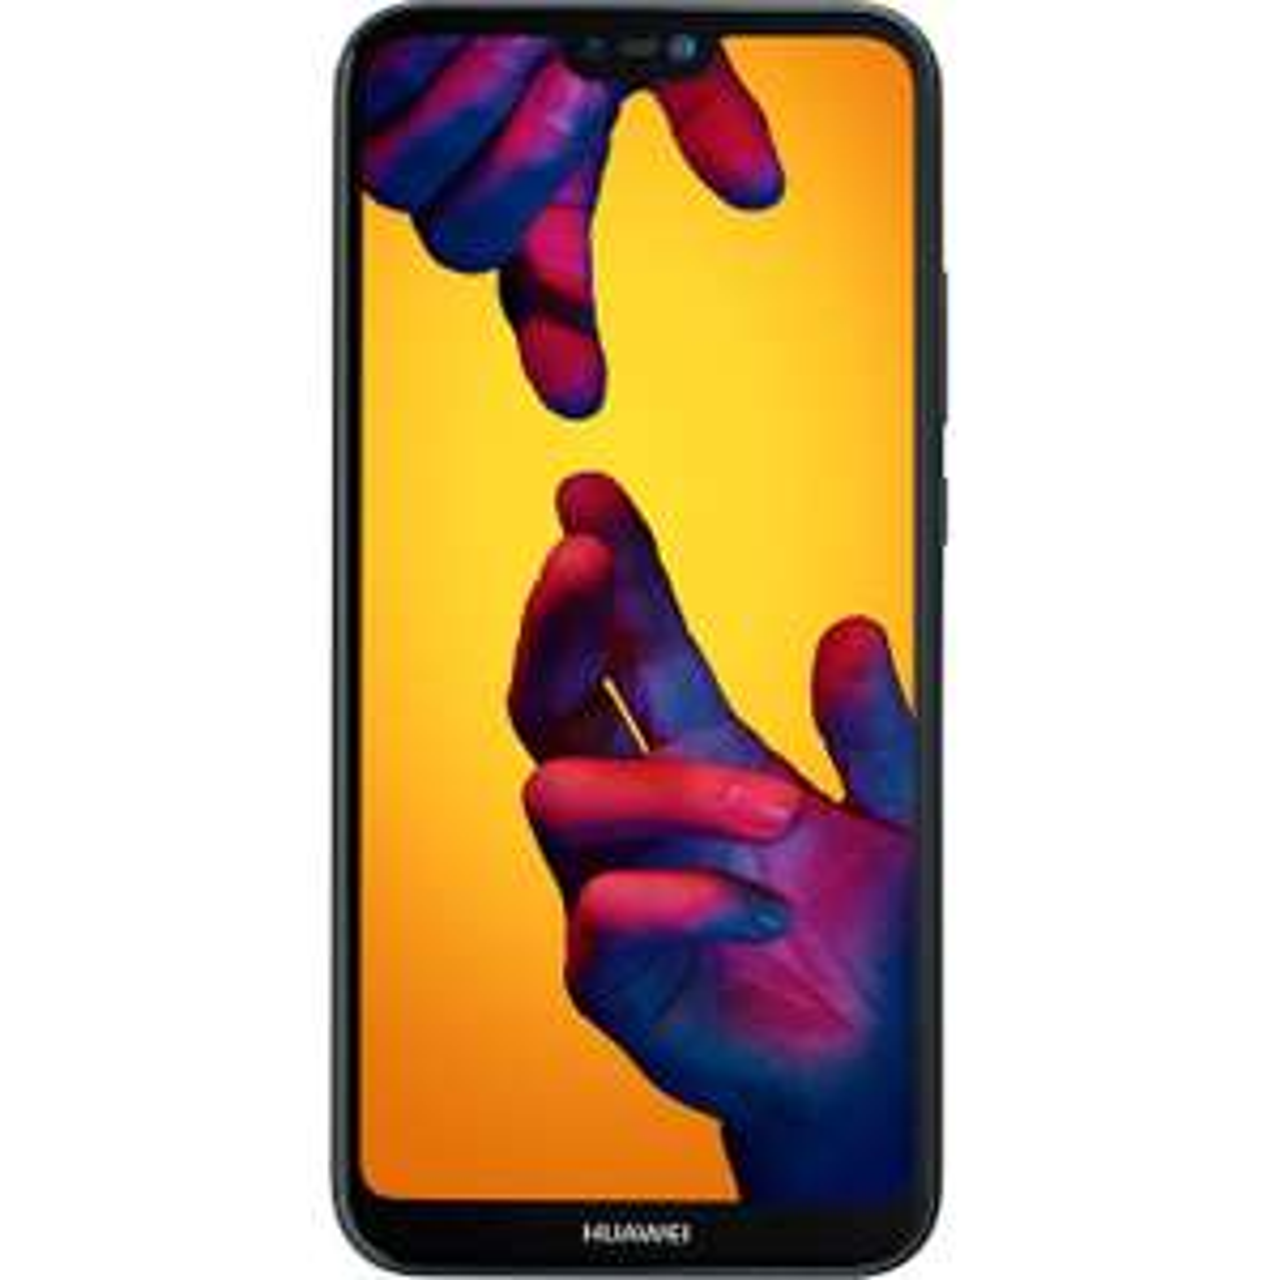 Huawei P20 Lite 64GB Smartphone £209.00 @ AO